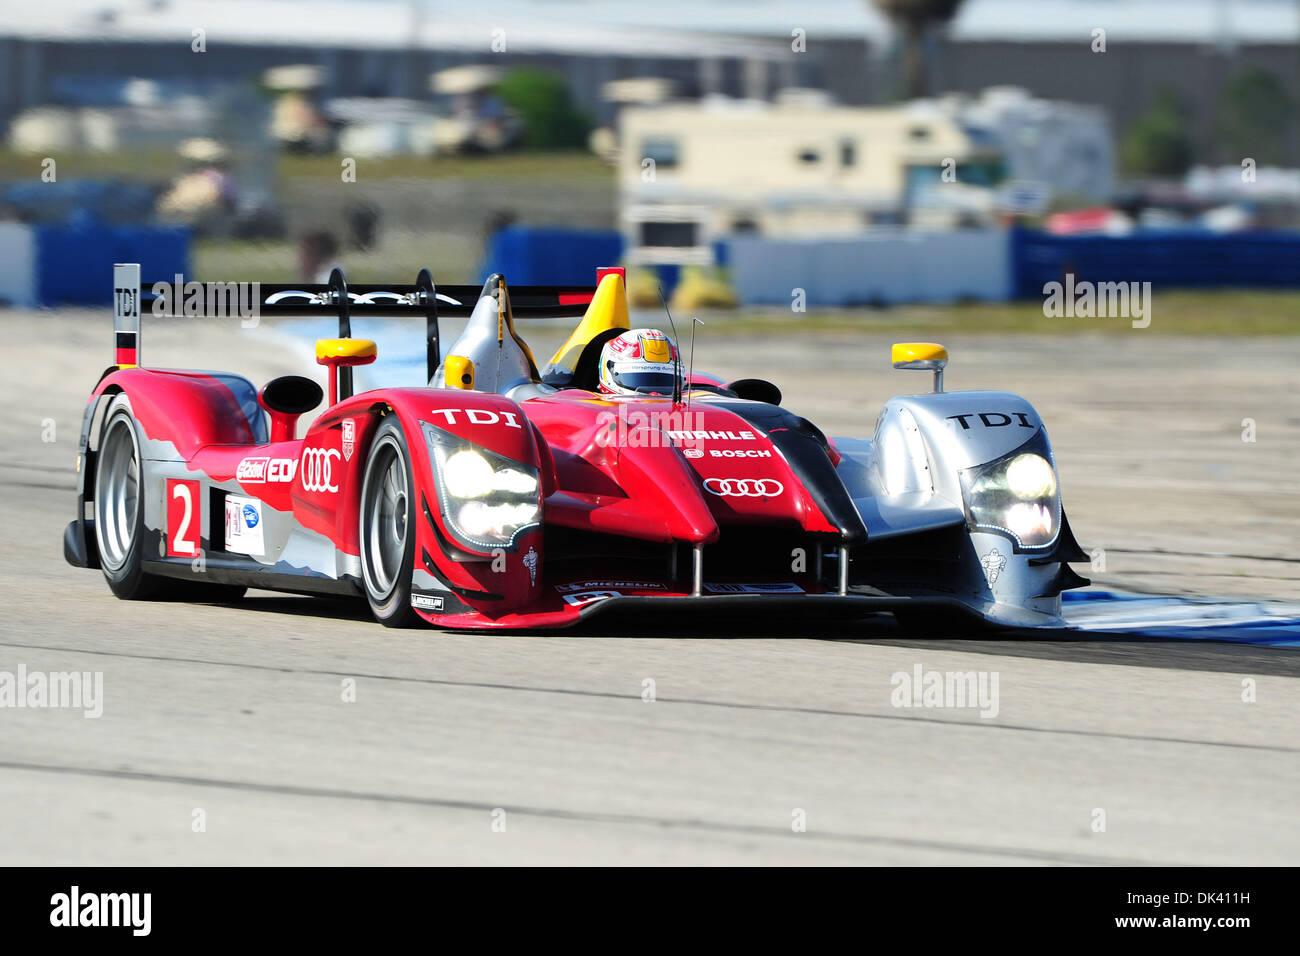 16. März 2011 - Laufwerke Sebring, Florida, USA - Audi Sport-Fahrer TOM KRISTENSEN aus Dänemark, der R15 Plus während der Tests für die 12 Stunden von Sebring. (Kredit-Bild: © Rainier Ehrhardt/ZUMApress.com) Stockbild